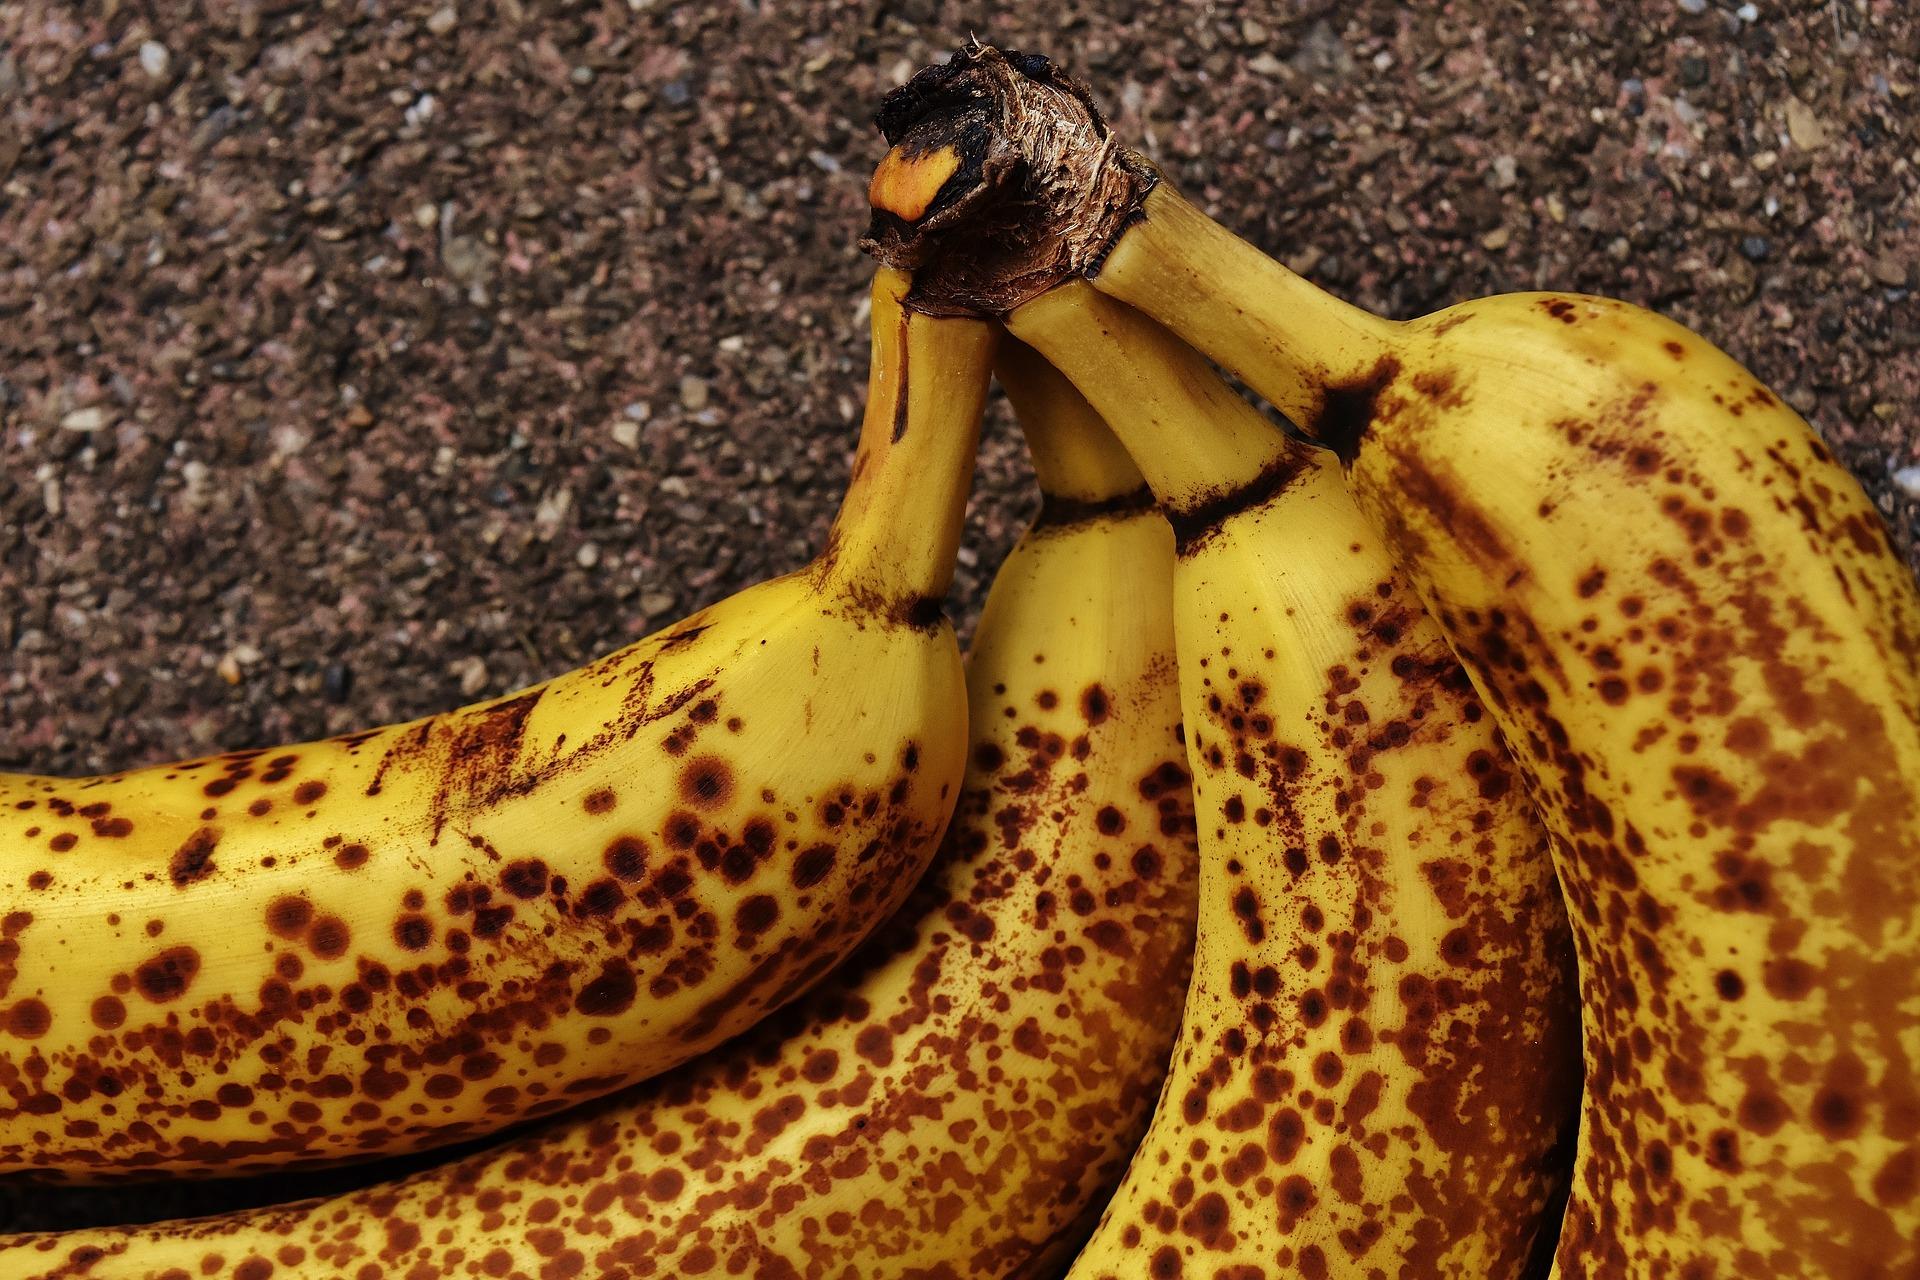 一串棕色香蕉